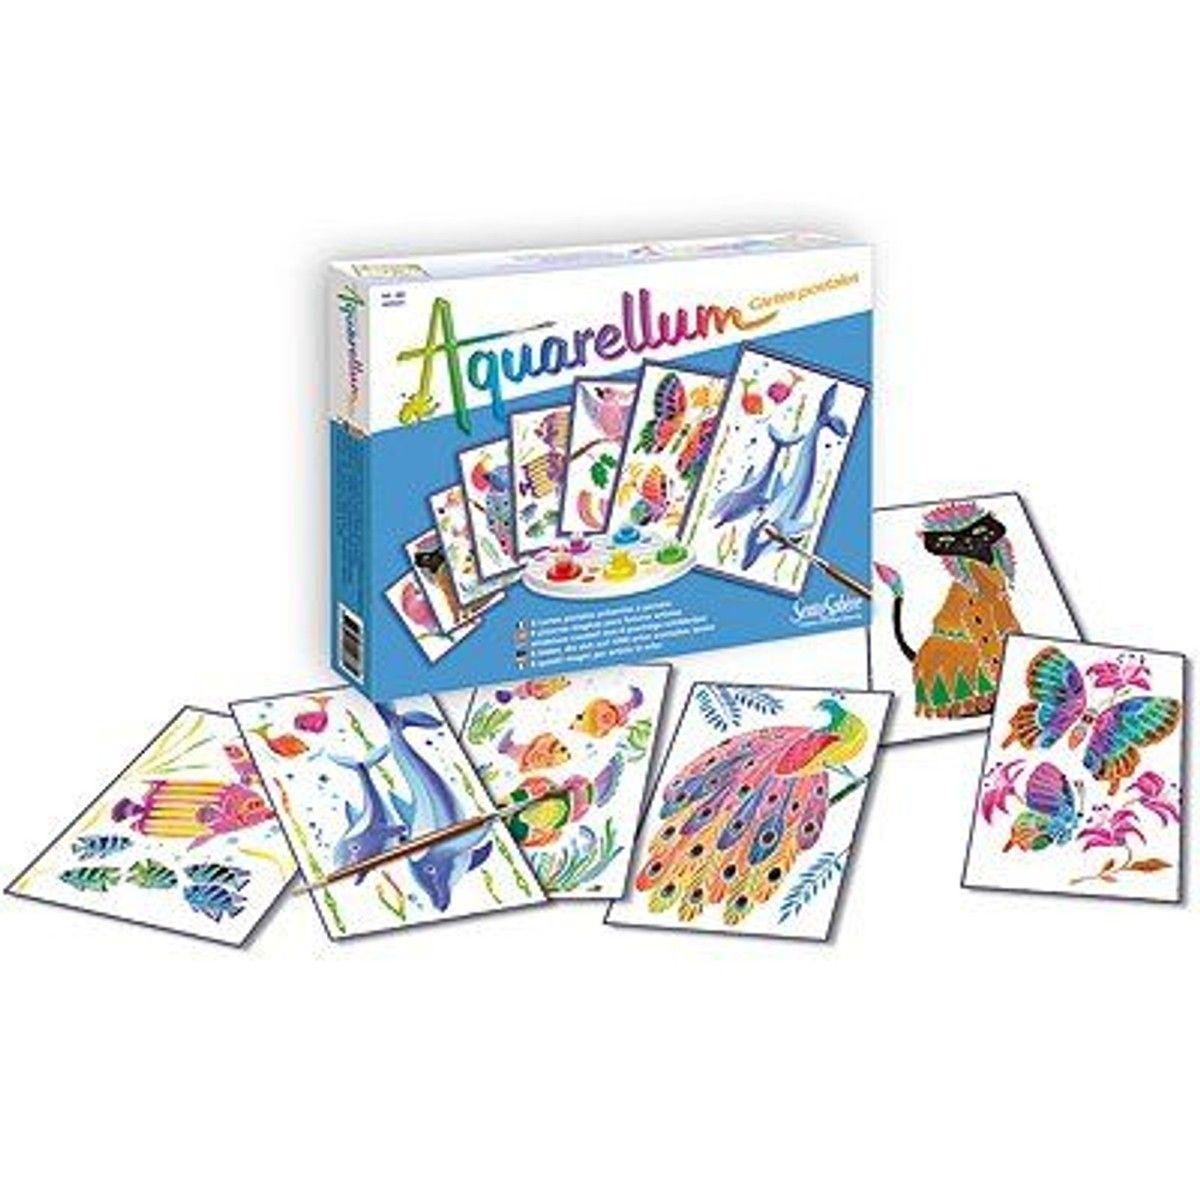 Aquarellum Cartes Postales Animaux Postale Cartes Et Jeux Eveil